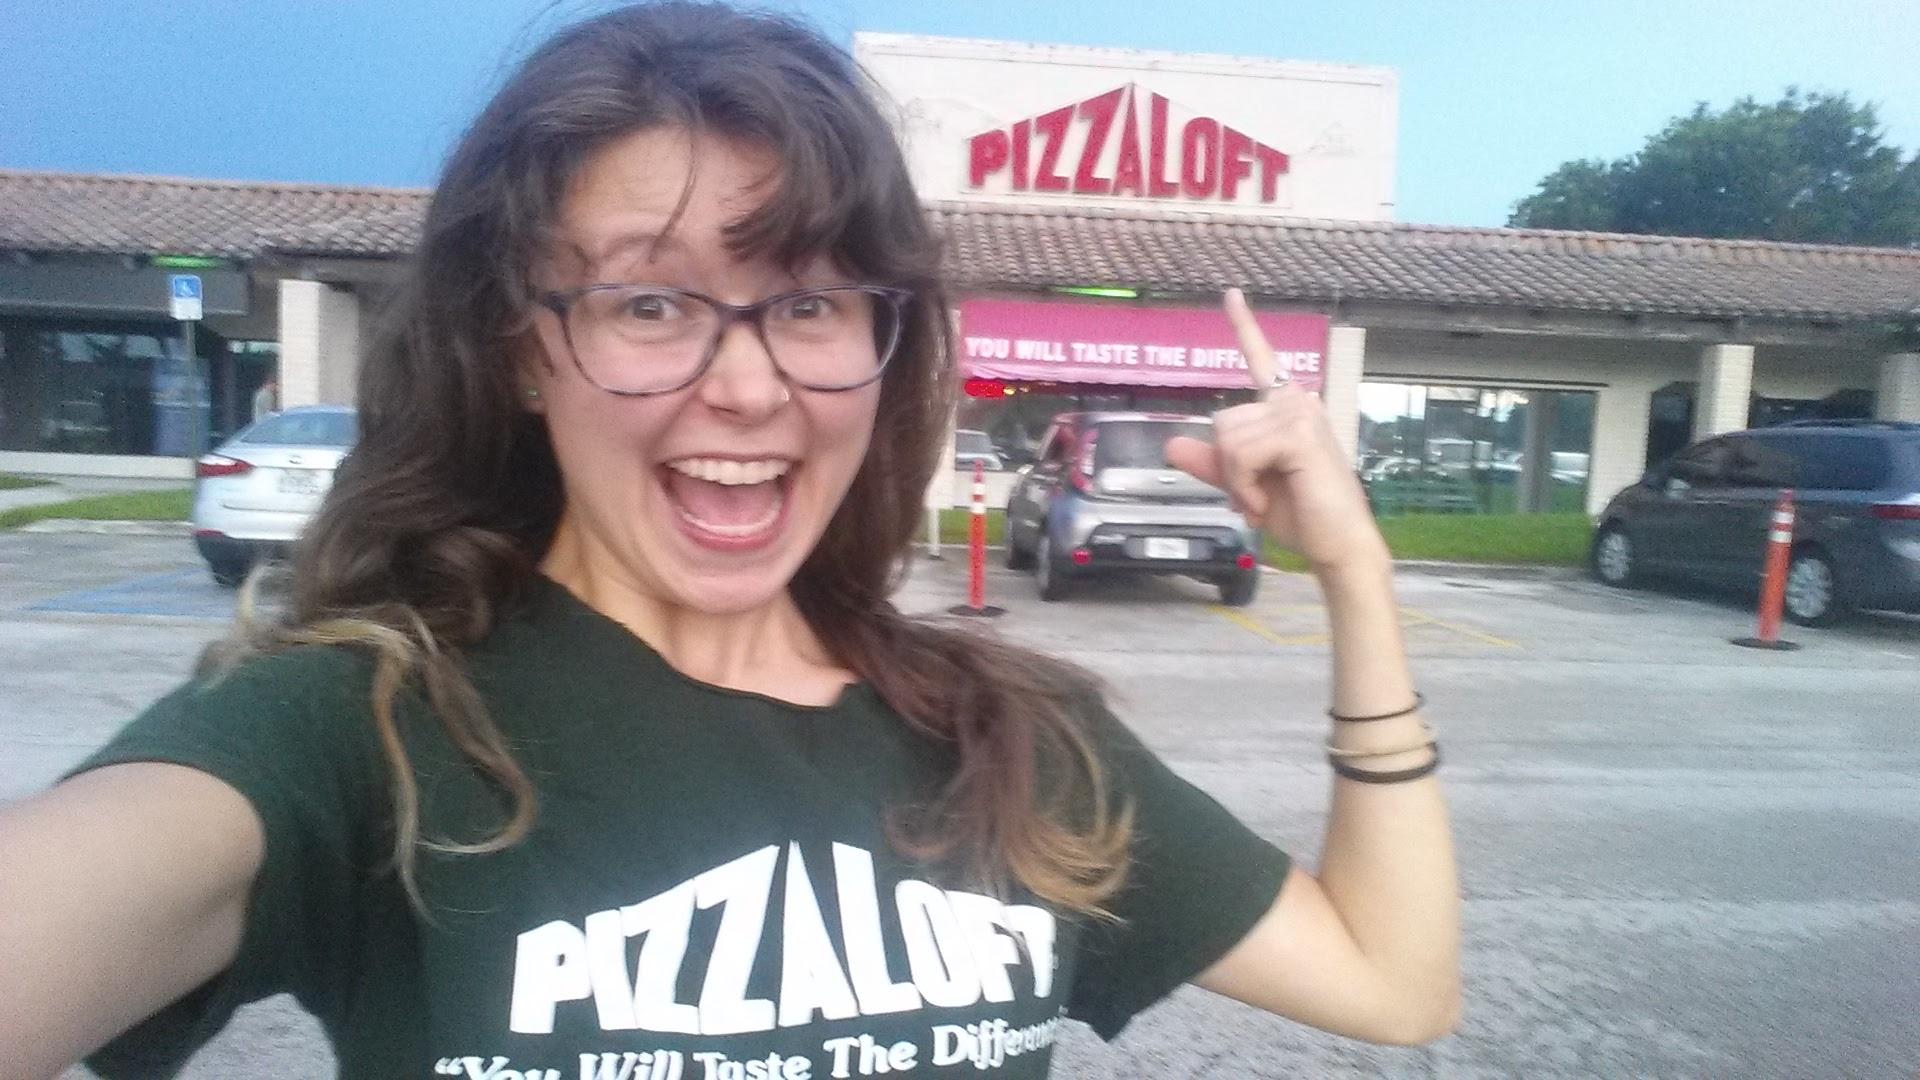 Pizza Loft Represent!